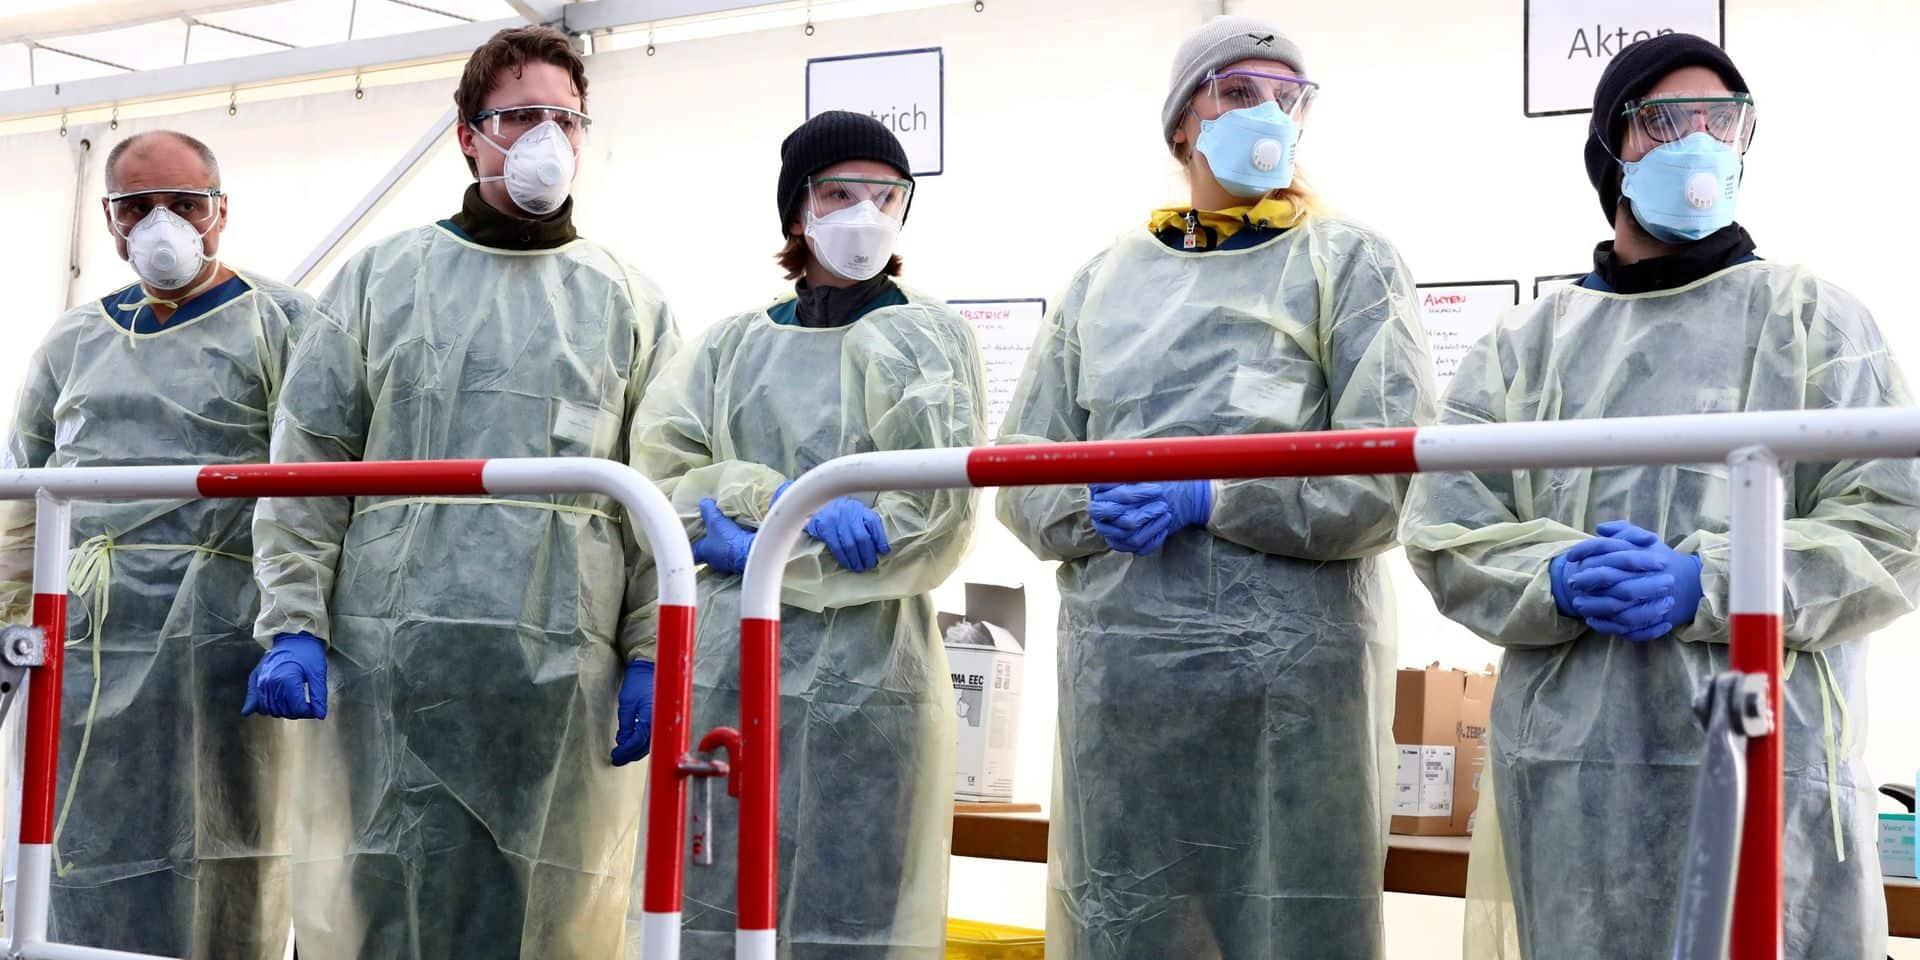 Coronavirus: l'Allemagne prolonge ses mesures de restriction, 500 morts en 24h au Royaume-Uni, 134 nouveaux décès aux Pays-Bas